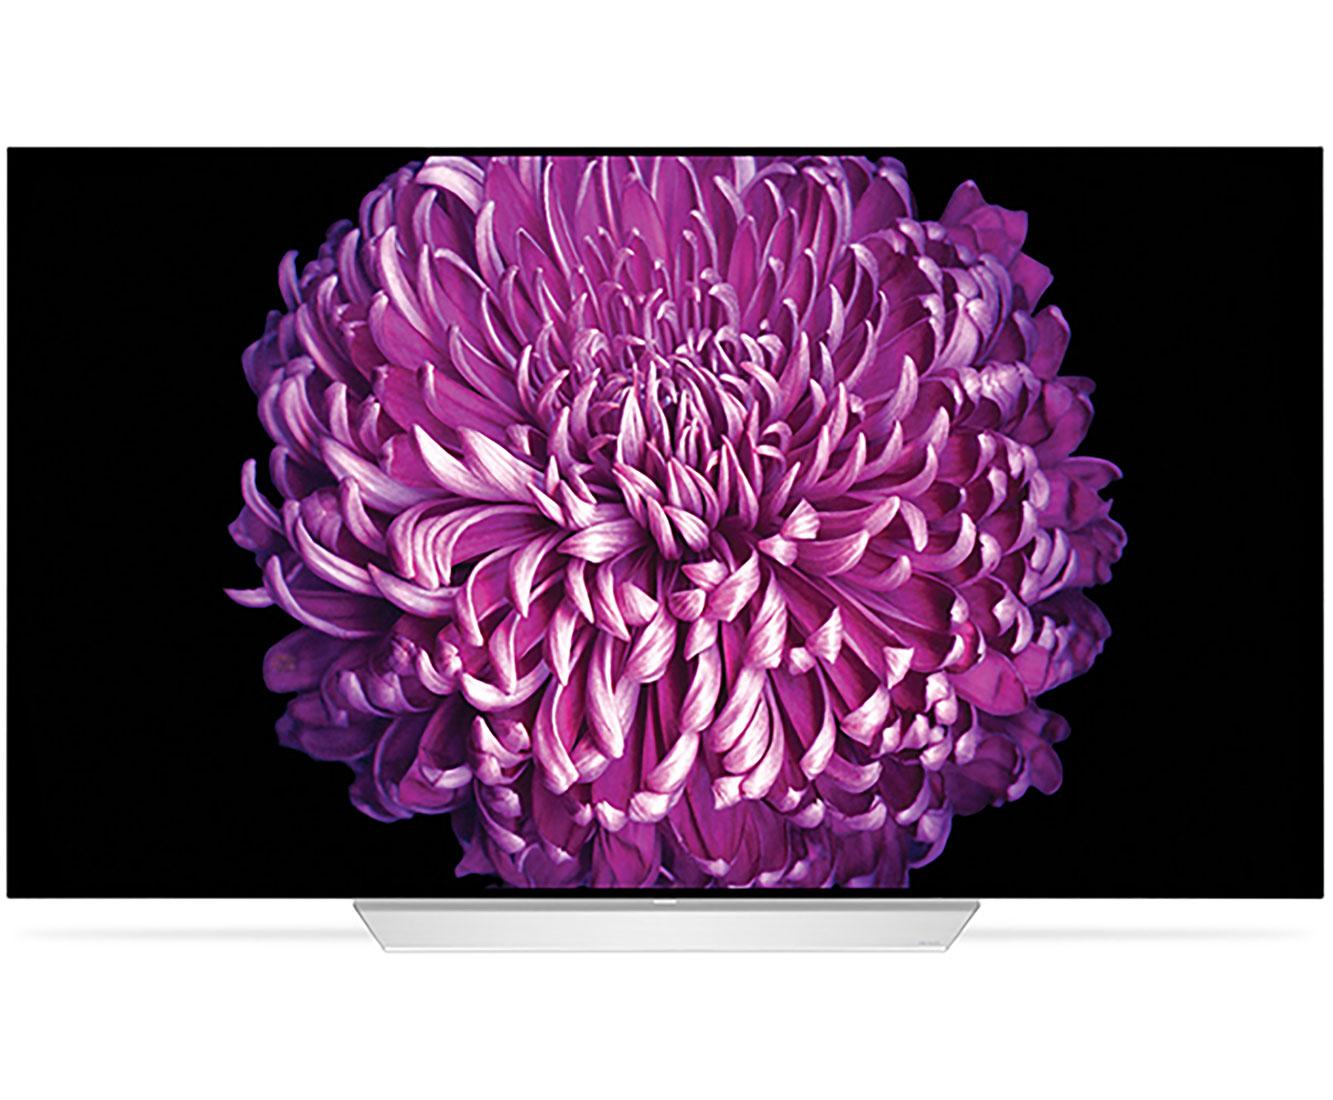 LG OLED65C7V 4K Ultra HD TV - 65 inch voor €2299 @ AO.nl